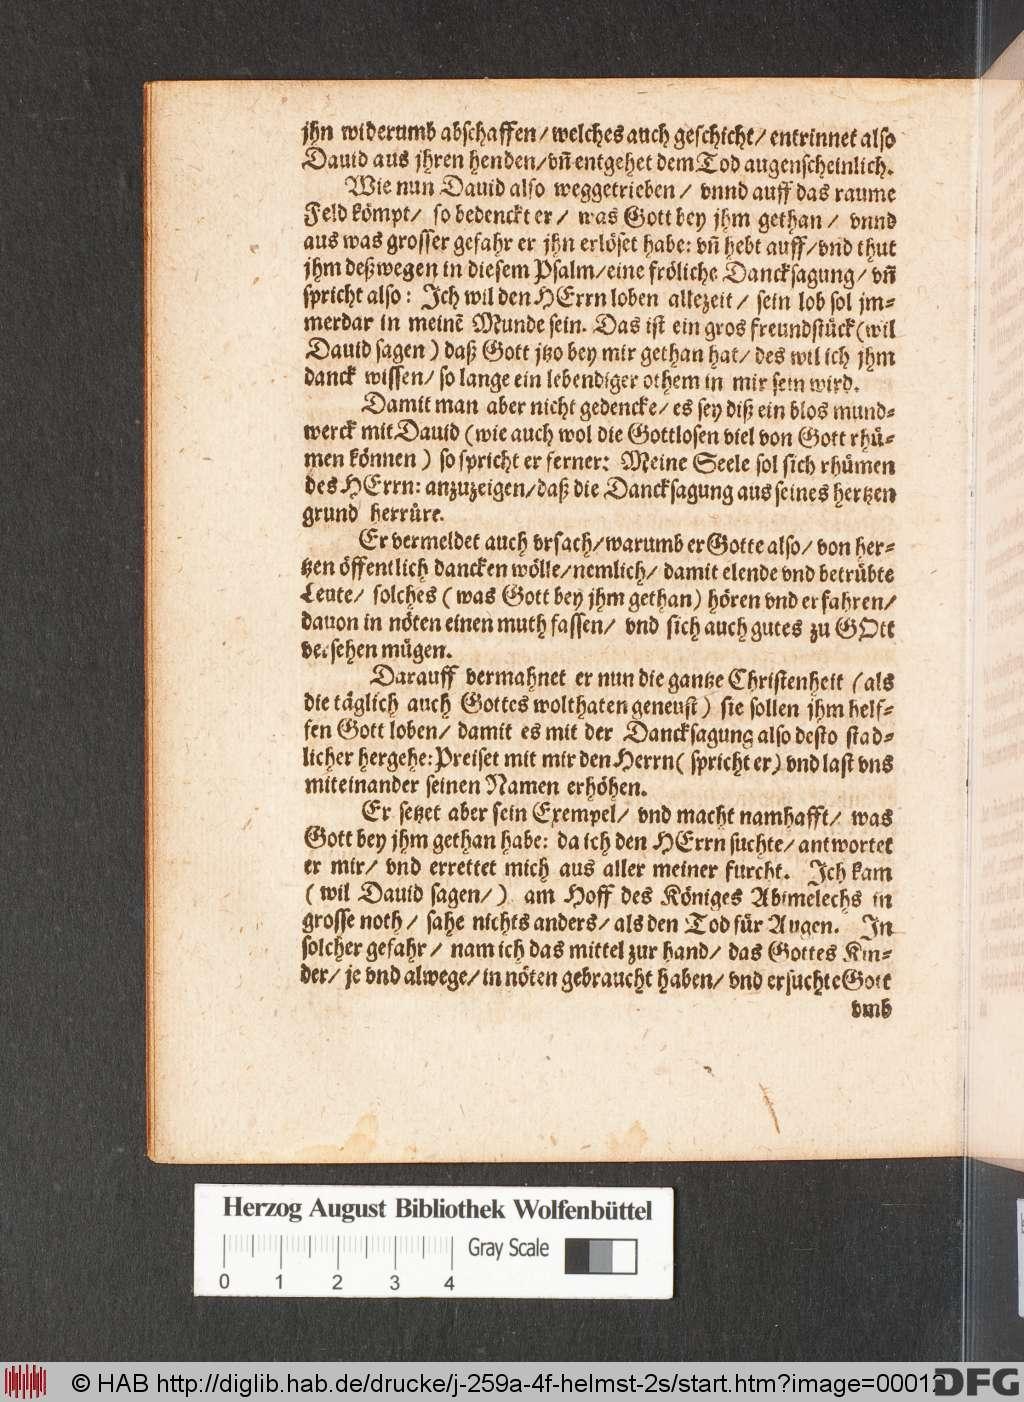 http://diglib.hab.de/drucke/j-259a-4f-helmst-2s/00012.jpg